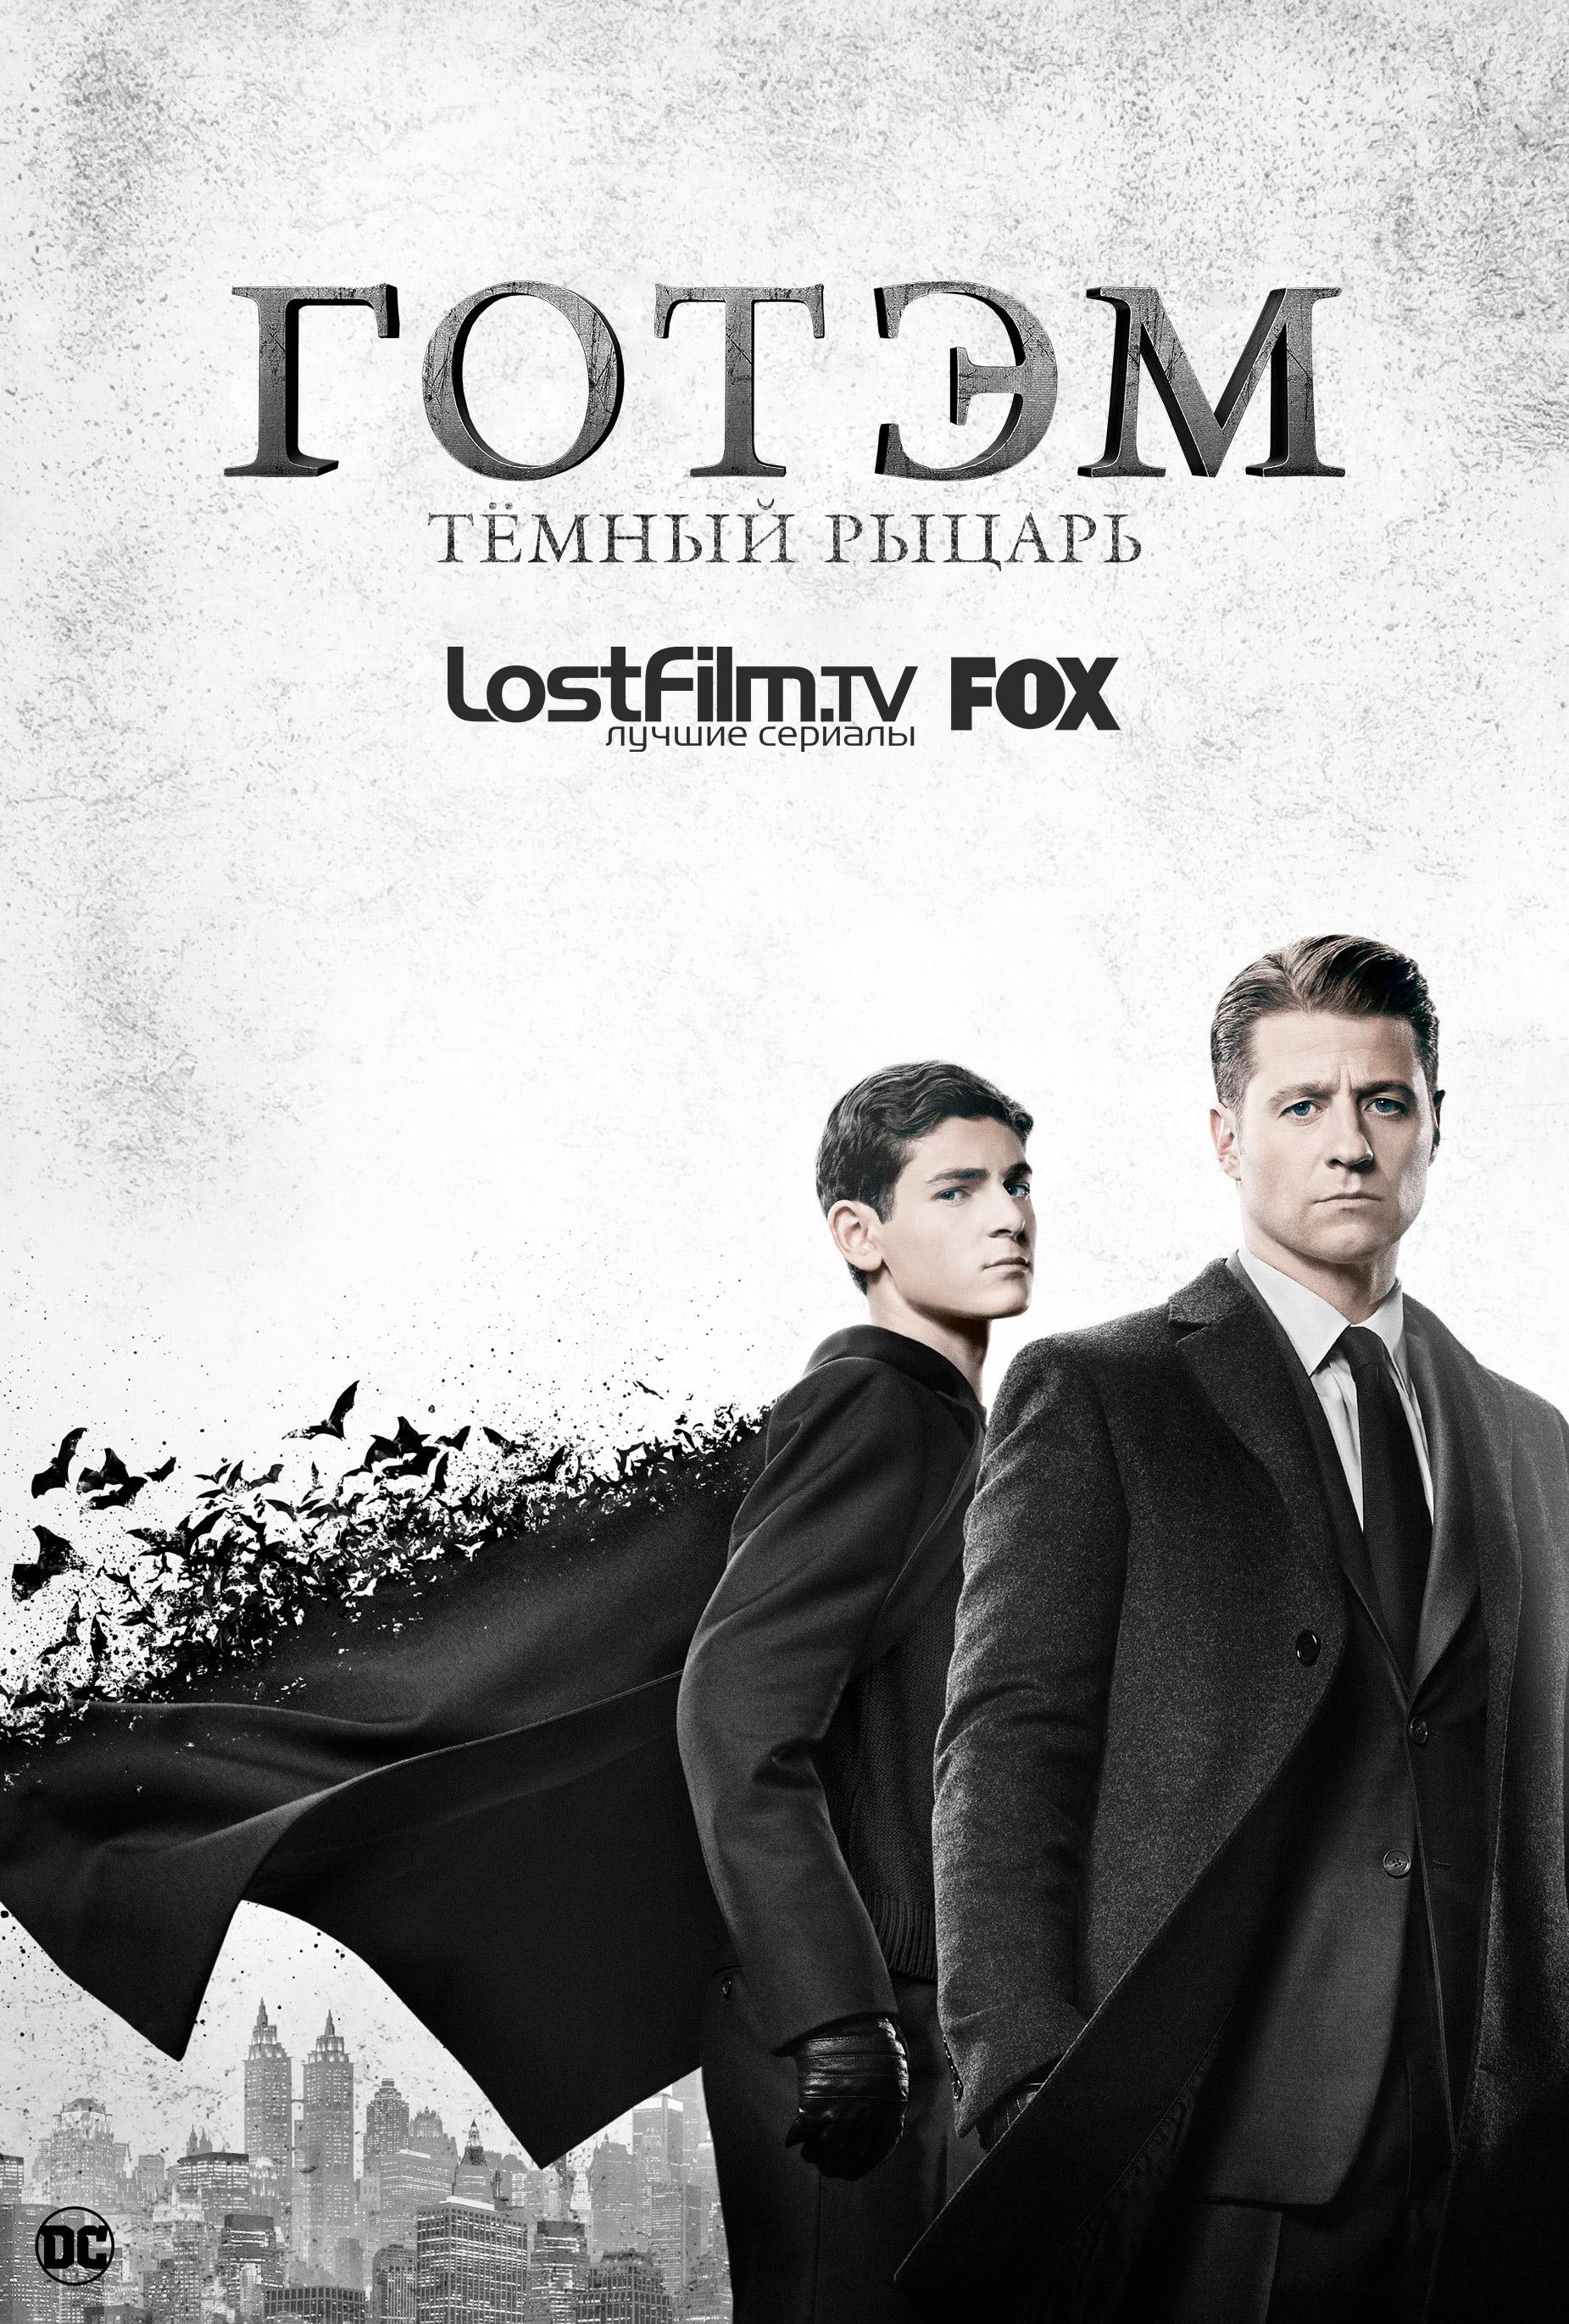 Готэм 4 сезон 5 серия LostFilm | Gotham